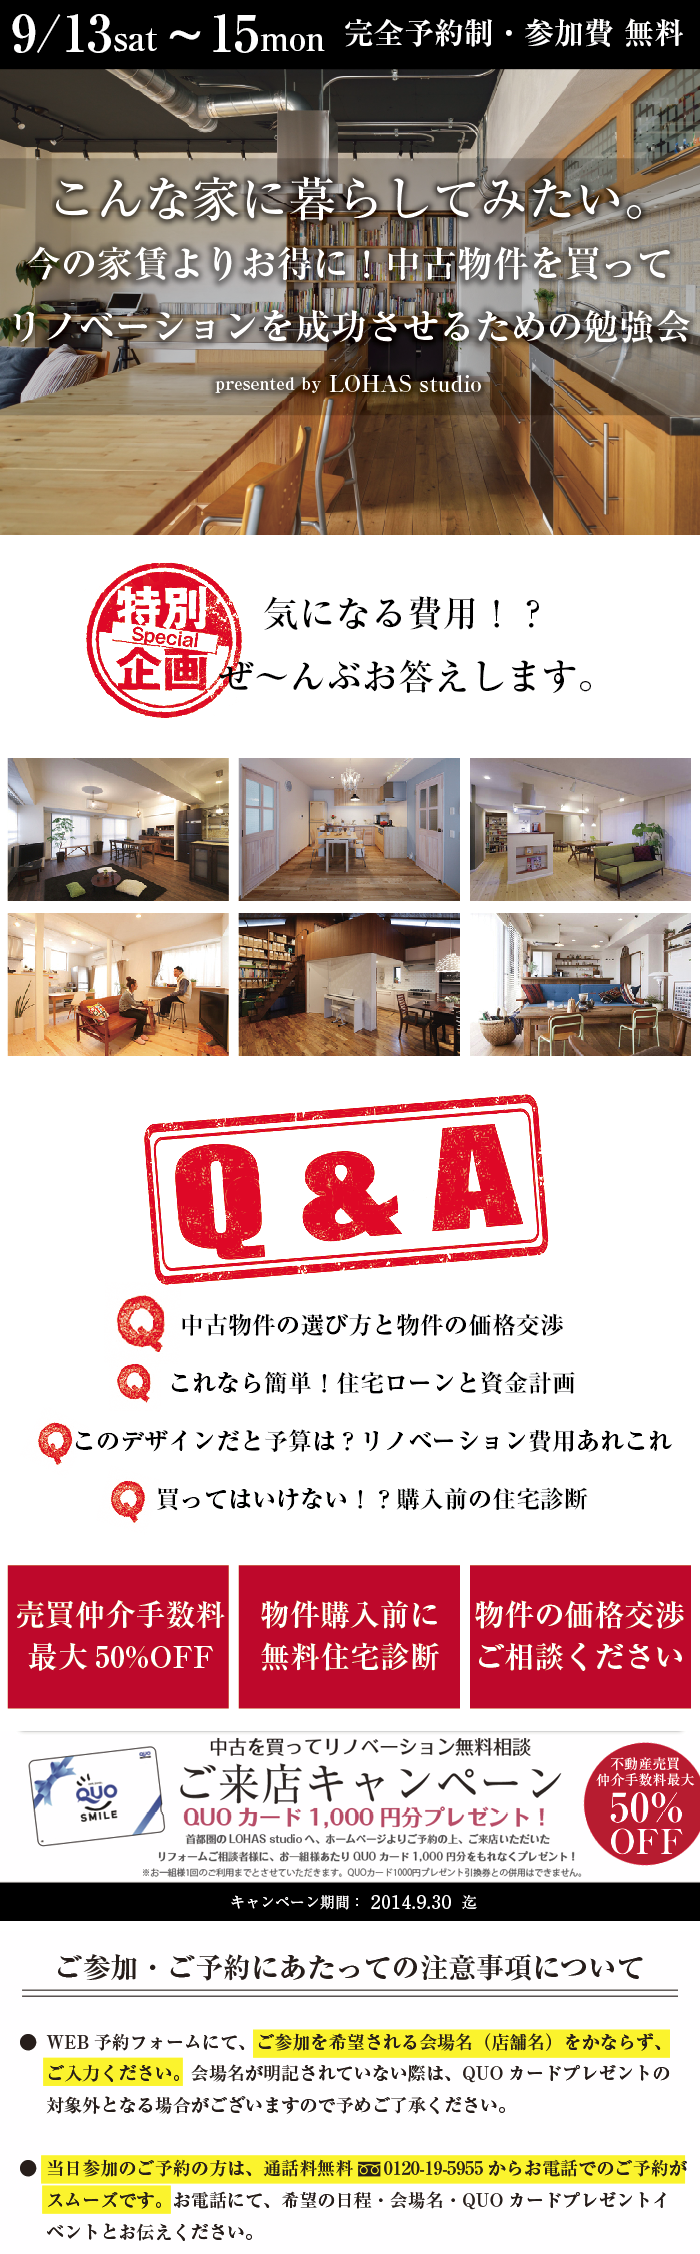 201409yoyaku_event13-15-2.png